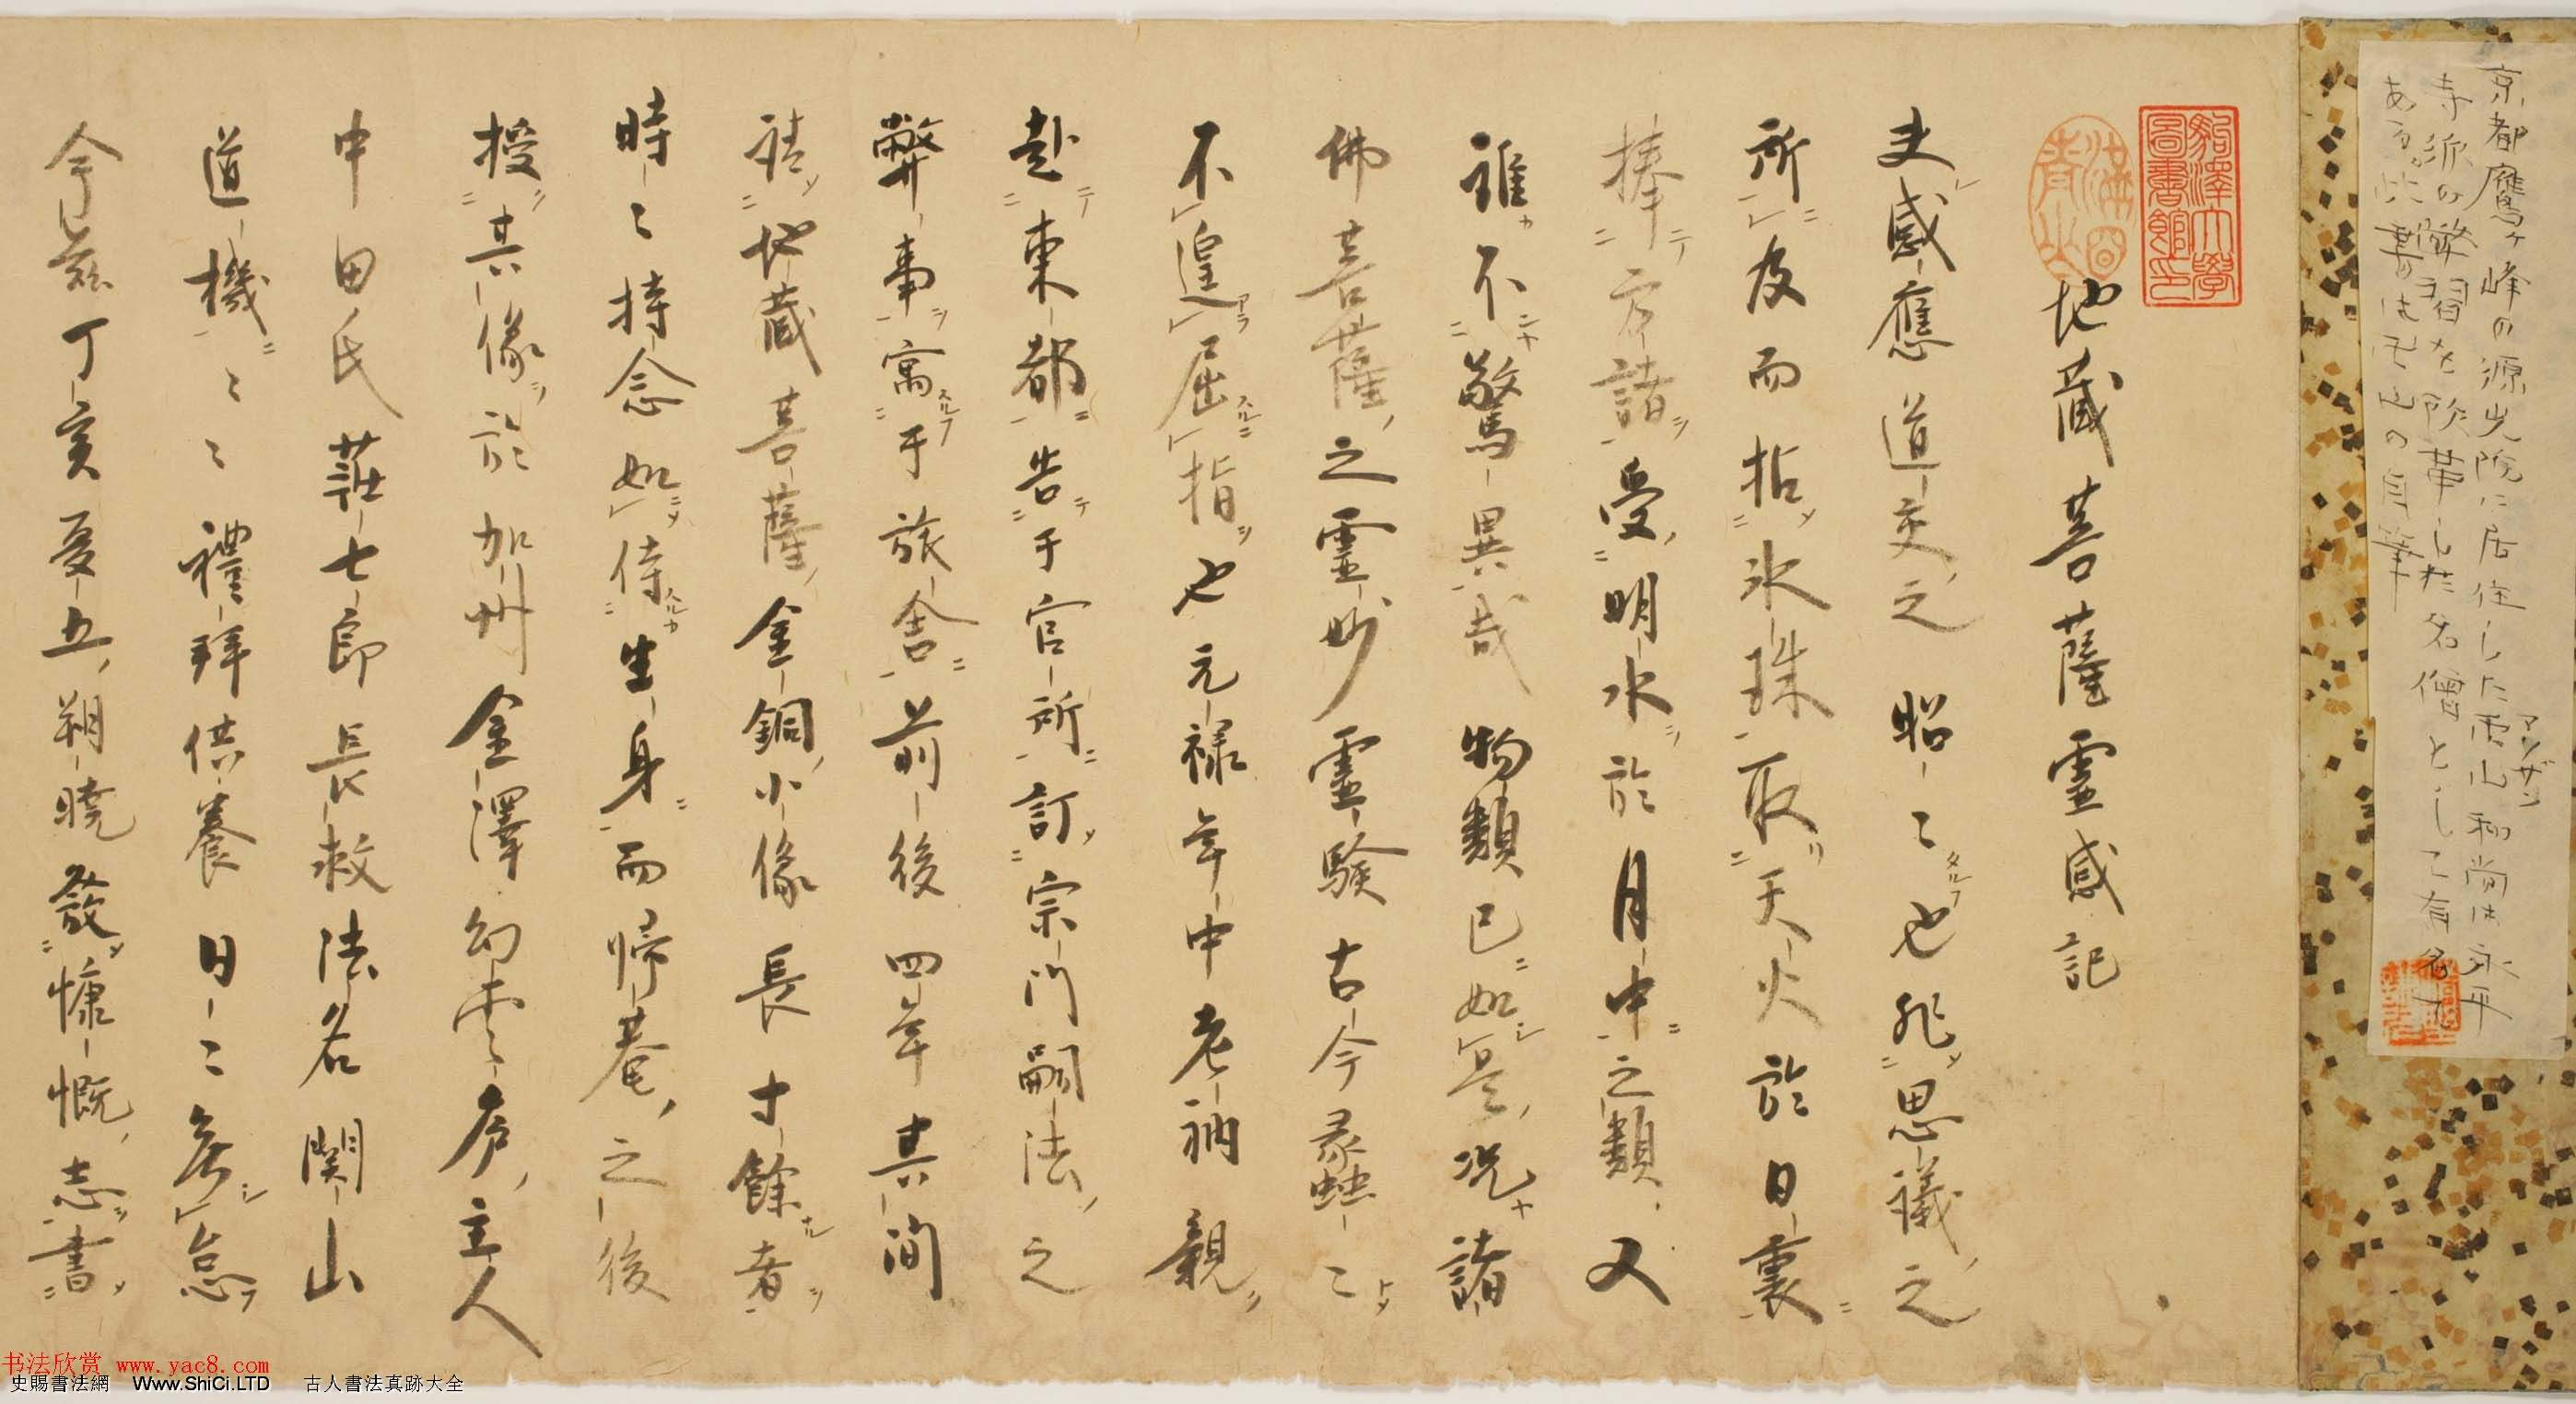 日本卍山道白書法字帖《地藏菩薩靈感記》(共5張圖片)